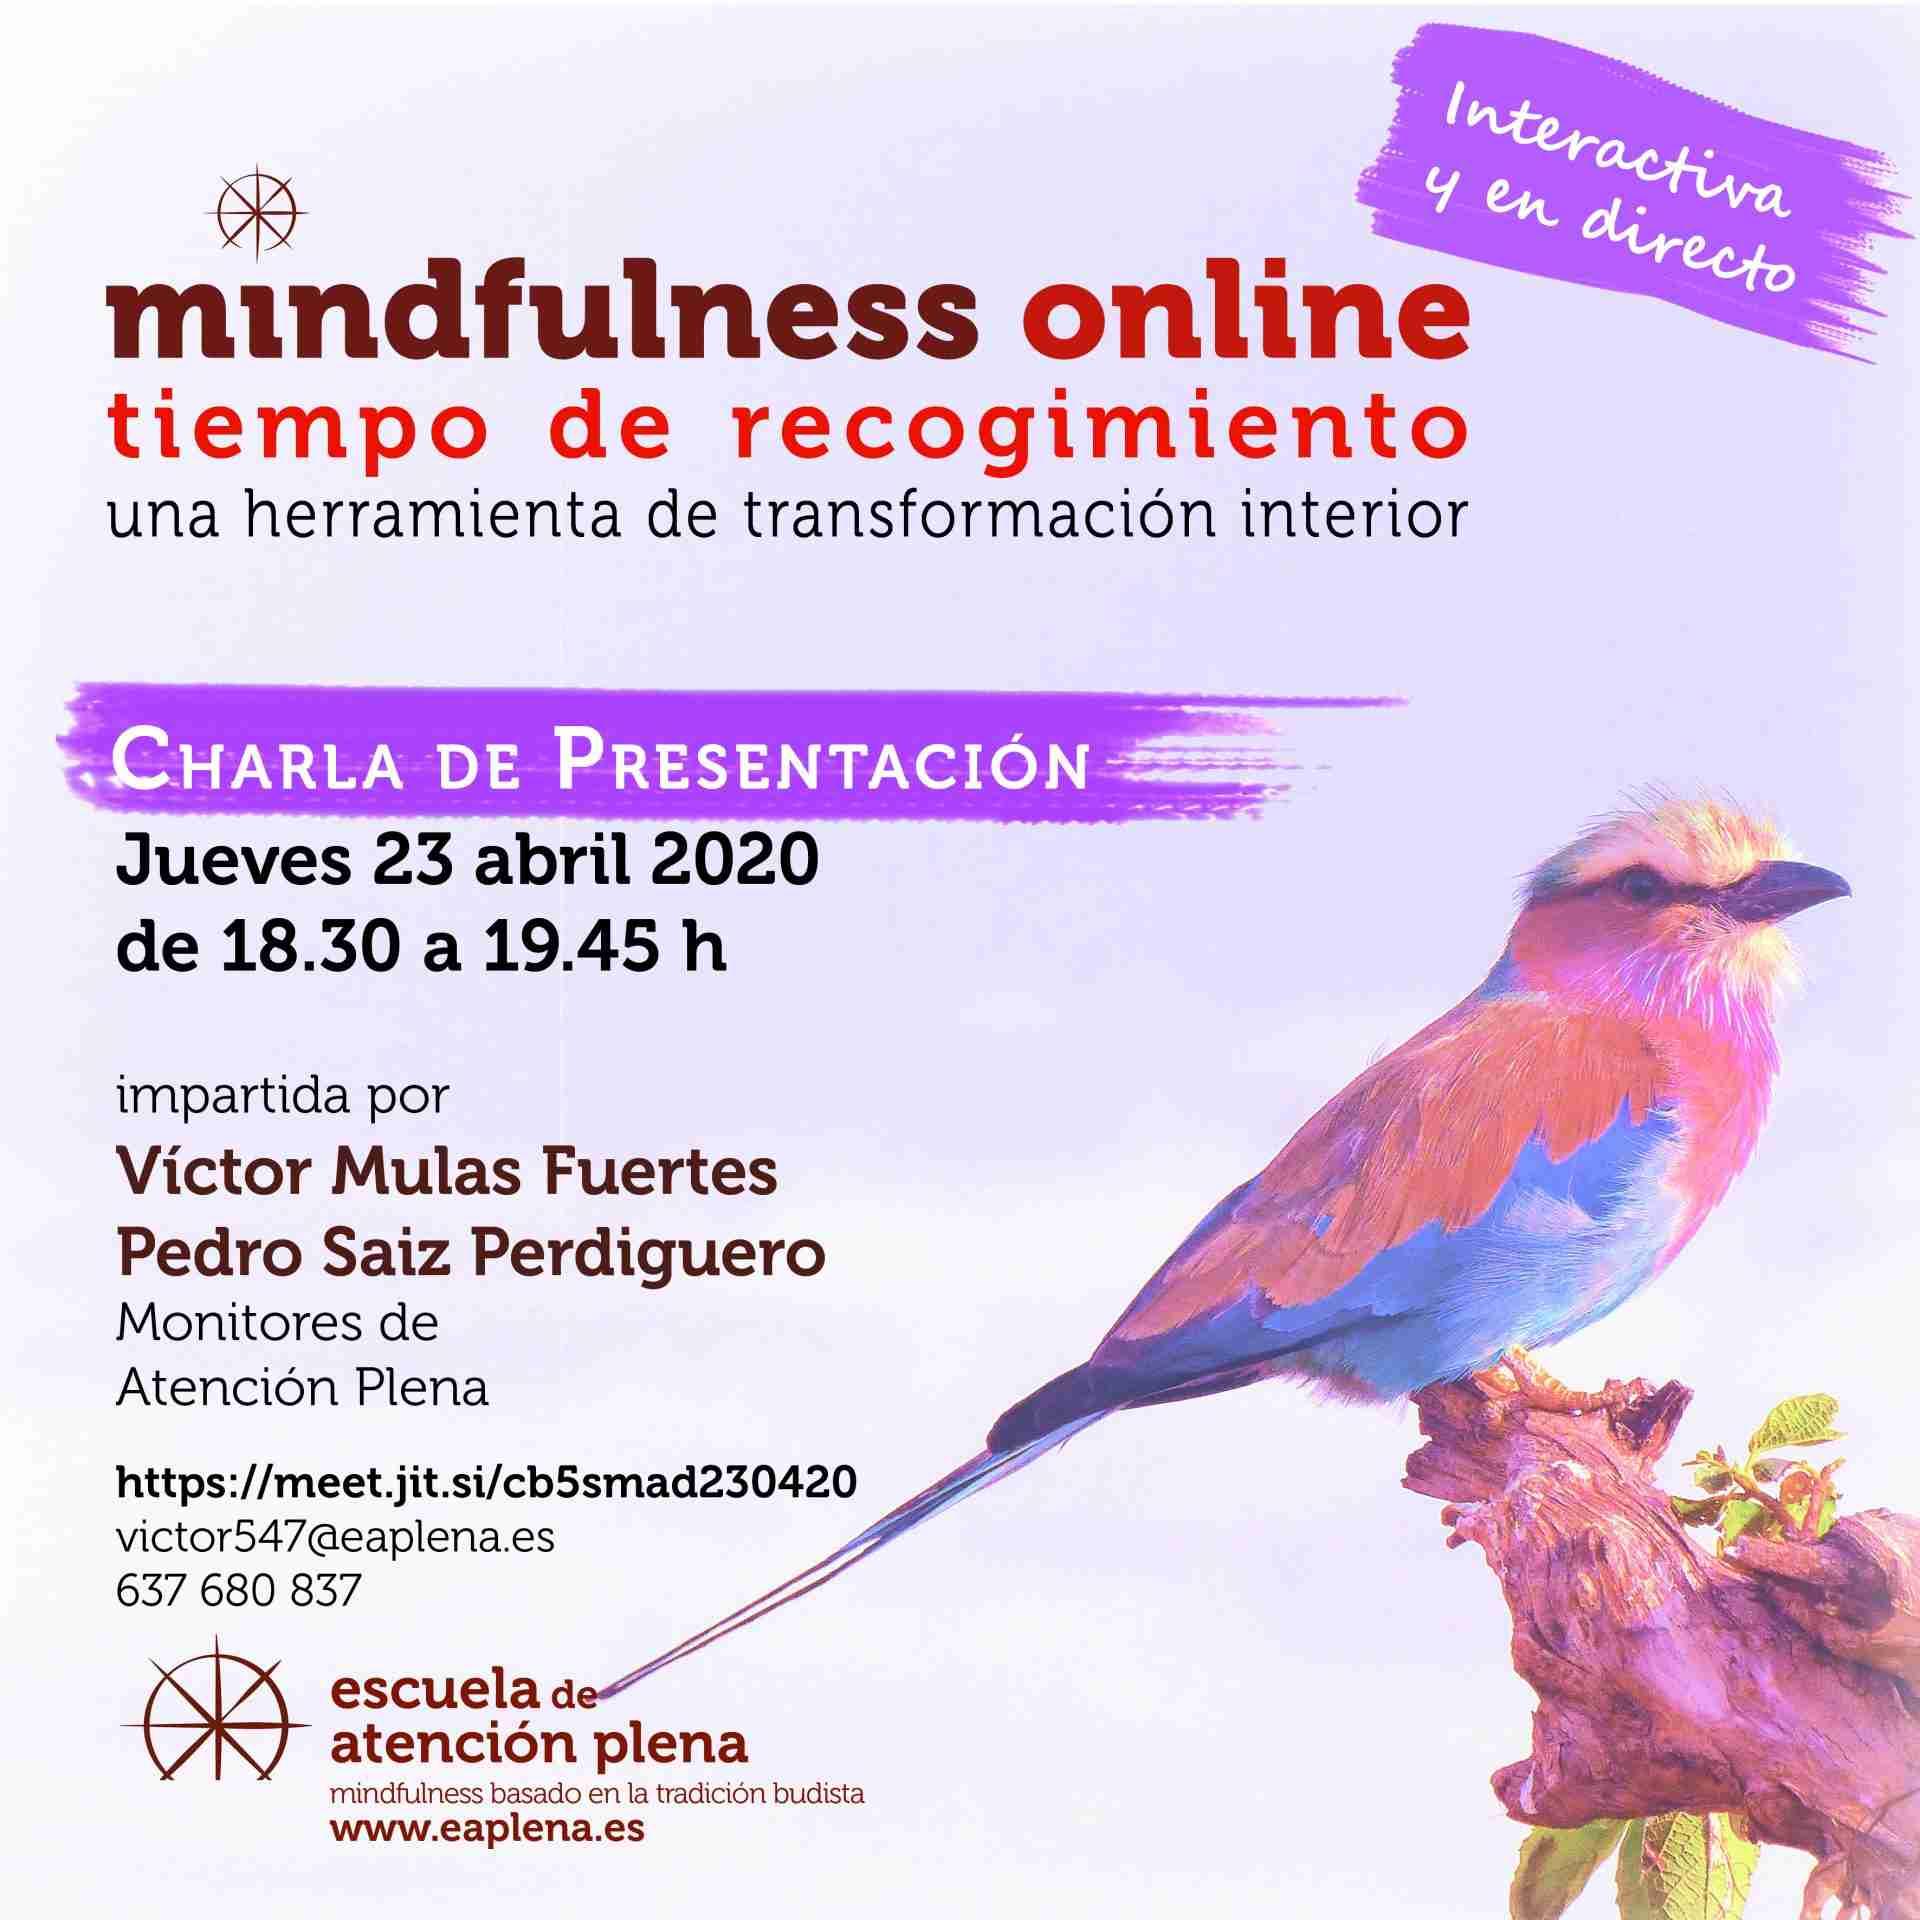 Charla de Presentación online Mulas Fuertes Víctor 23-04-2020